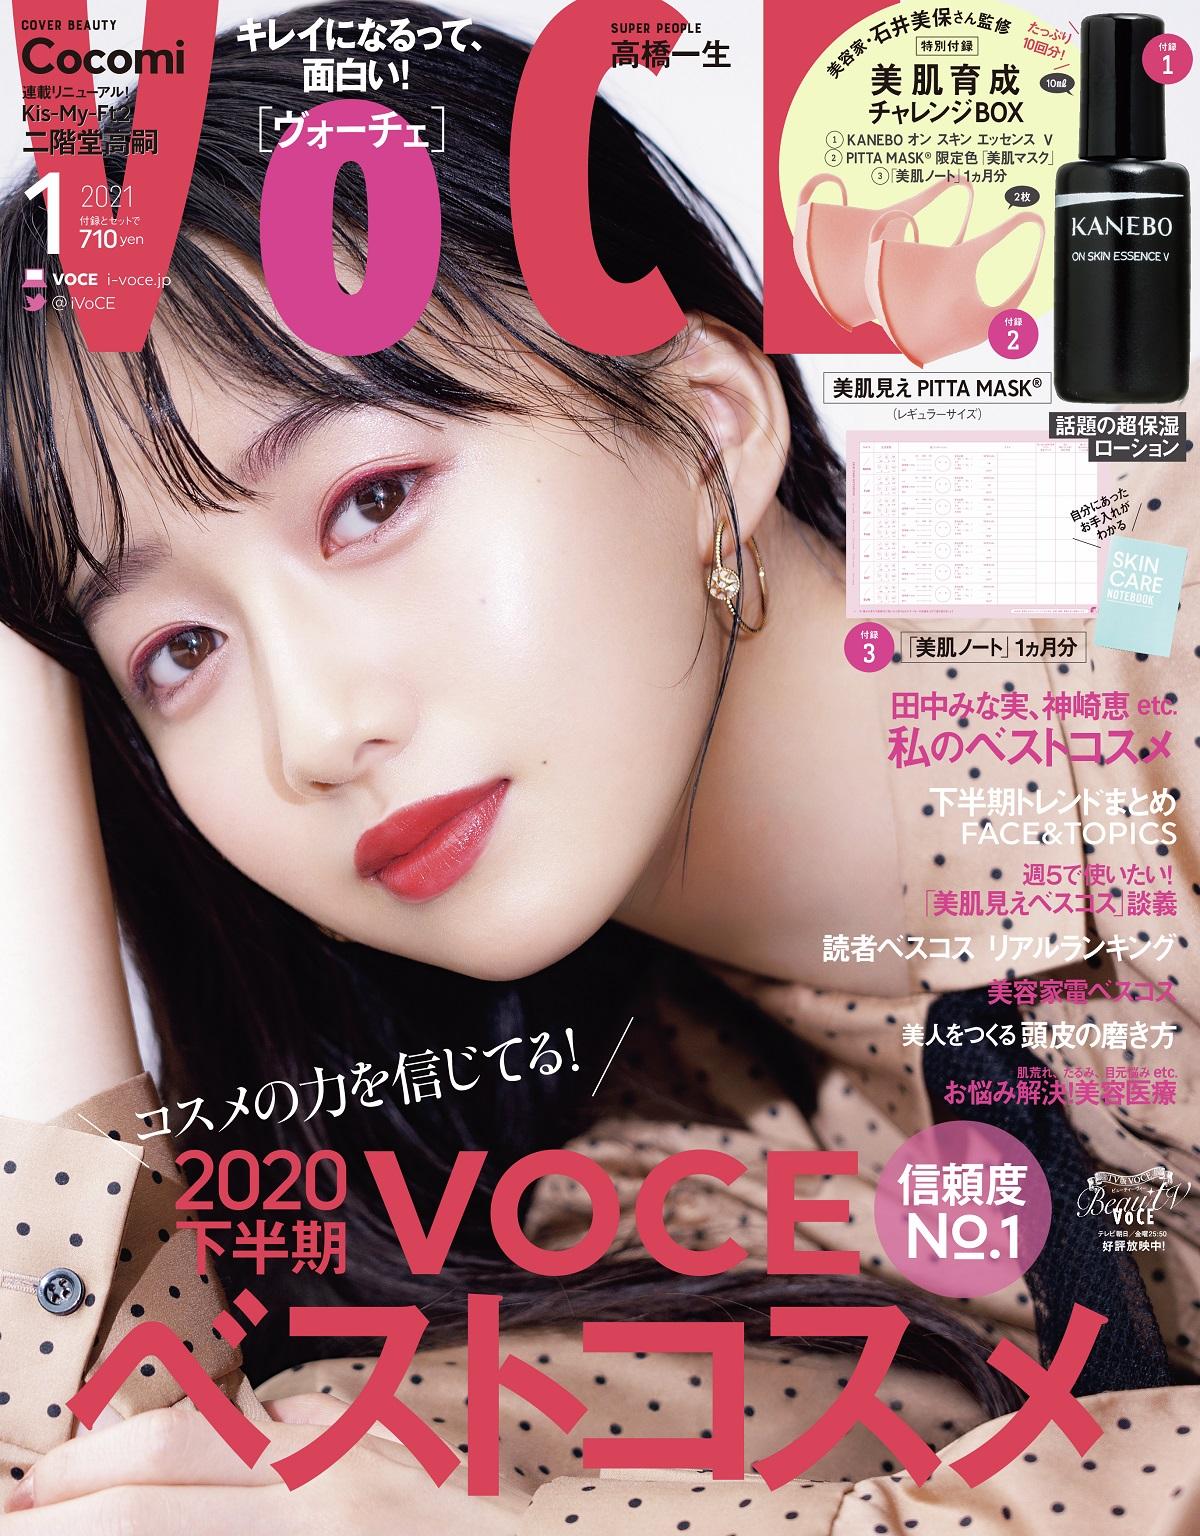 Cocomi/「VOCE」COVER